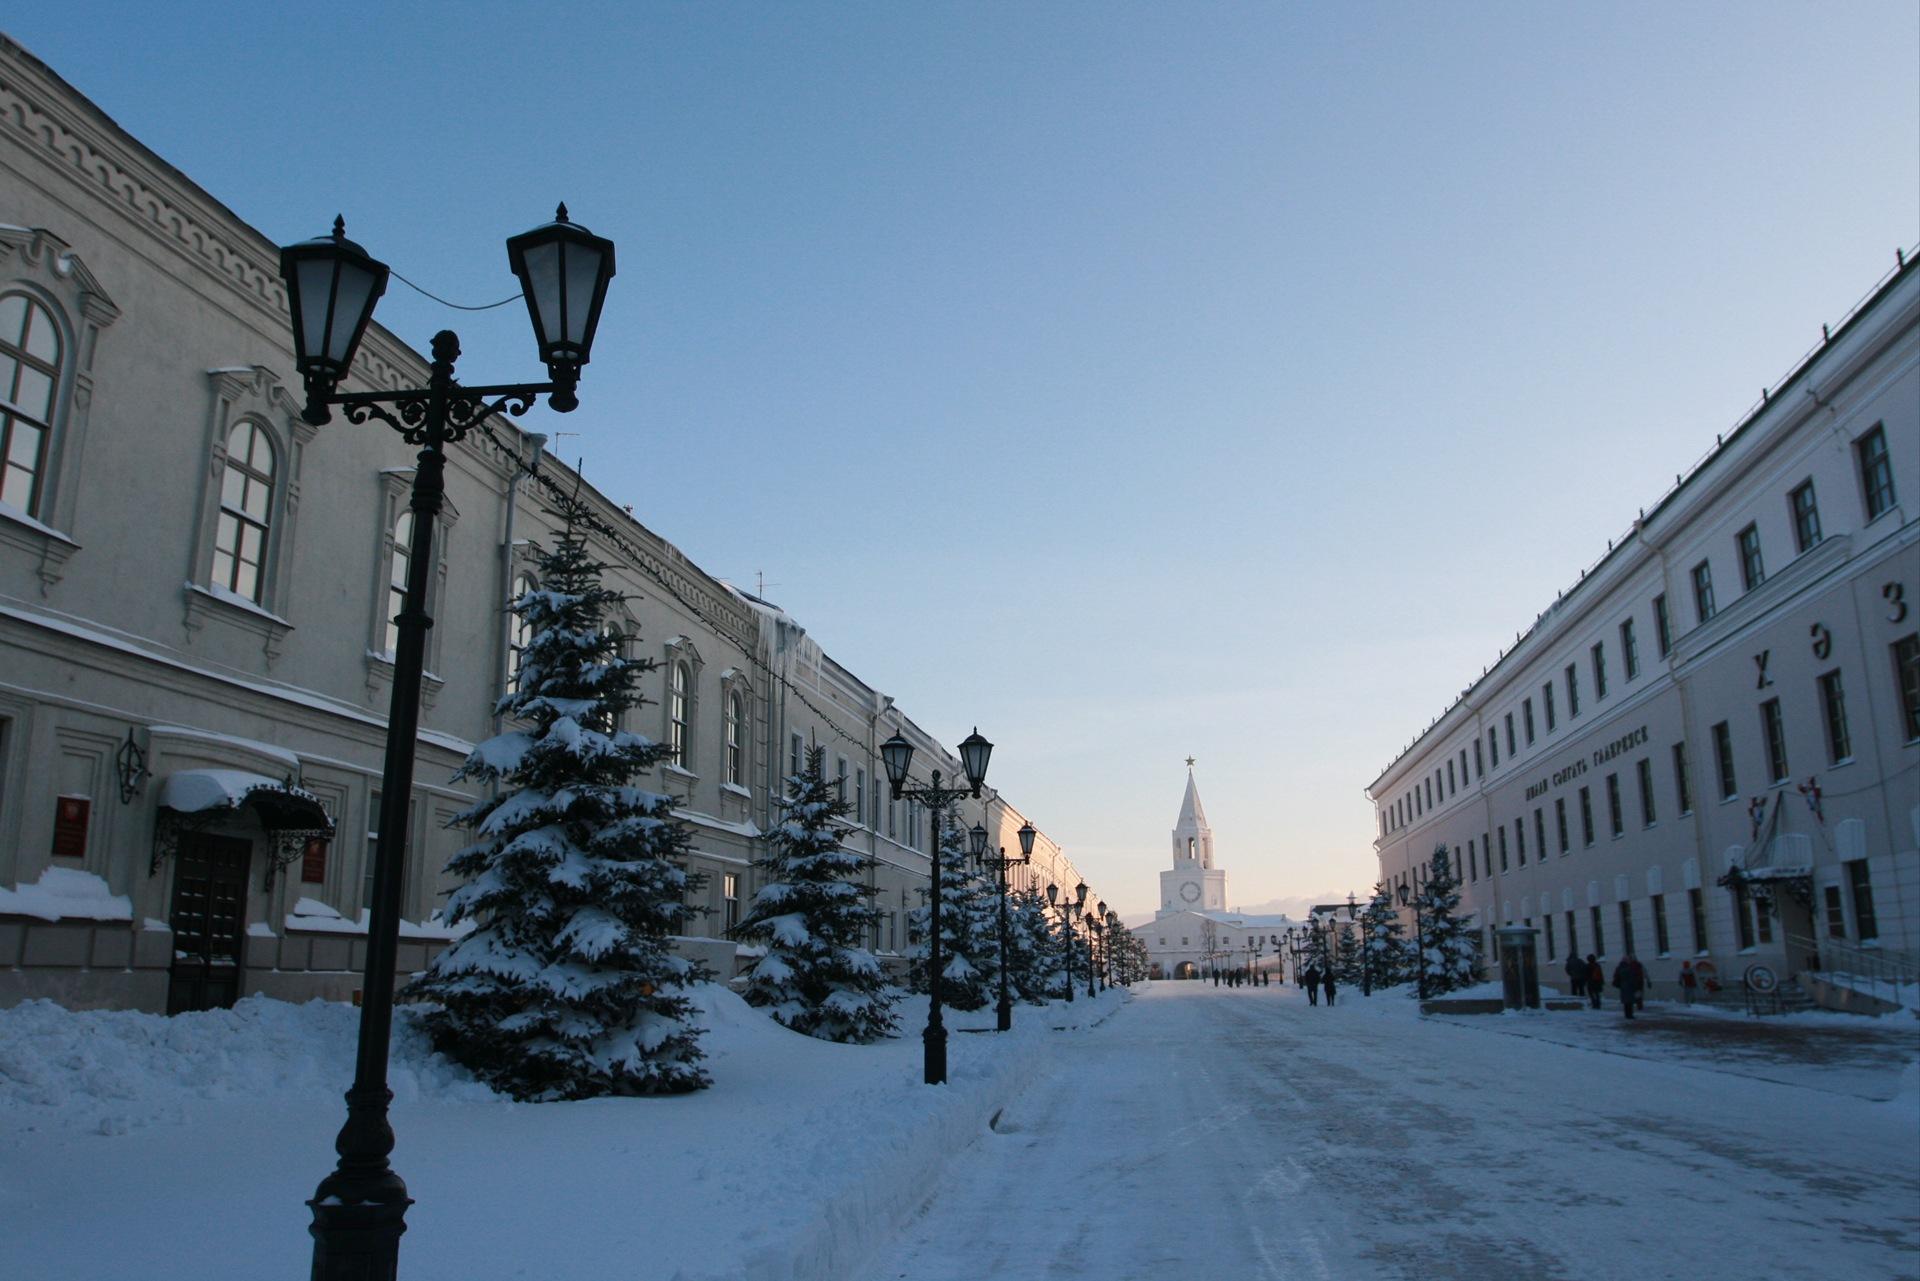 Из-за арктического циклона вТатарстане похолодает доминус 25— Гидрометцентр